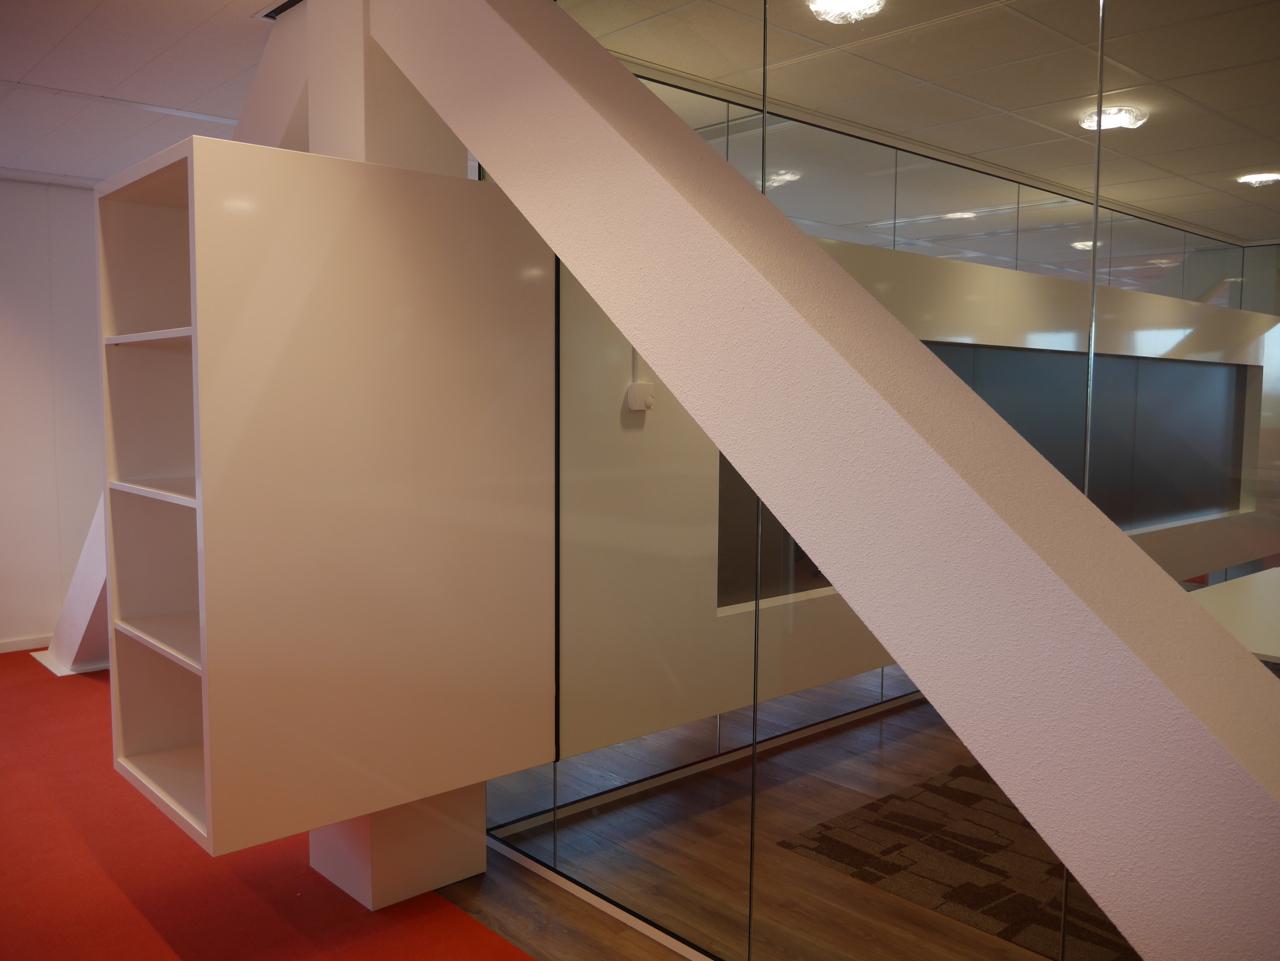 H kwadraat architectuur b v herman thijs interieurbouw herman thijs interieurbouw - Huisarts kast ...